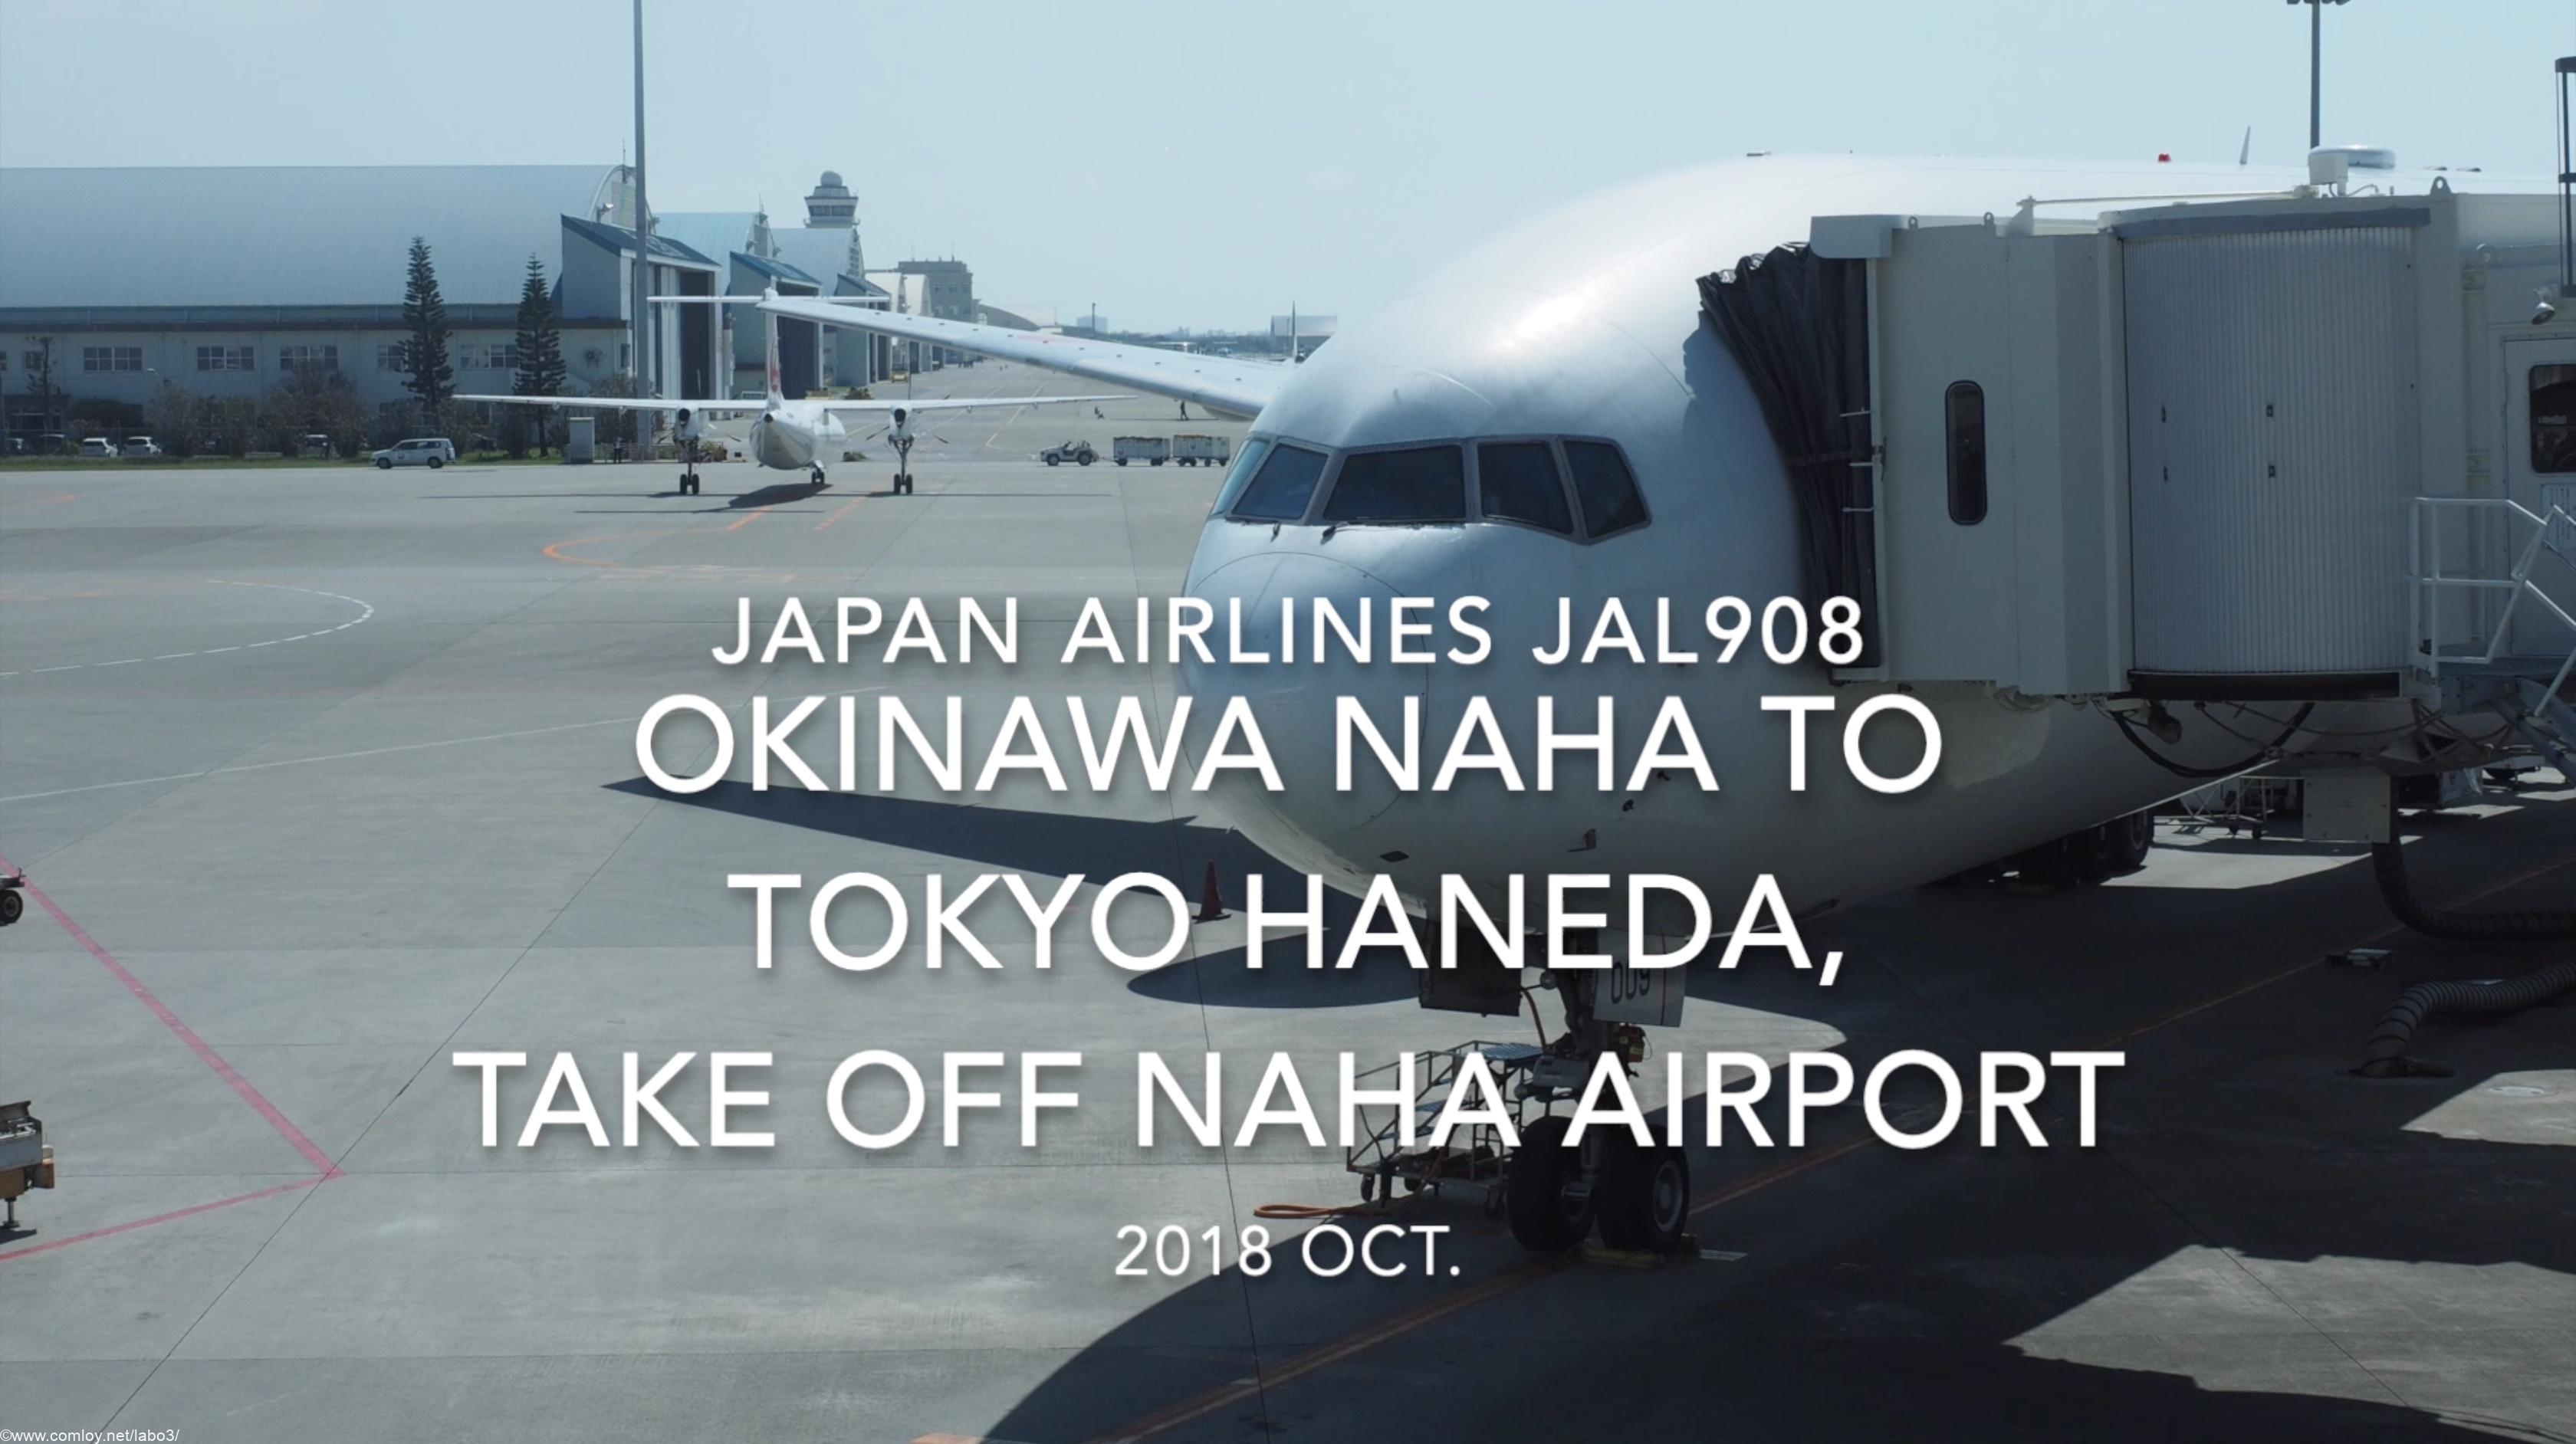 【機内から離着陸映像】2018 Oct. JAPAN Airlines JAL908 OKINAWA NAHA to TOKYO HANEDA, Take off OKINAWA NAHA airport 日本航空 那覇 -羽田 那覇空港離陸